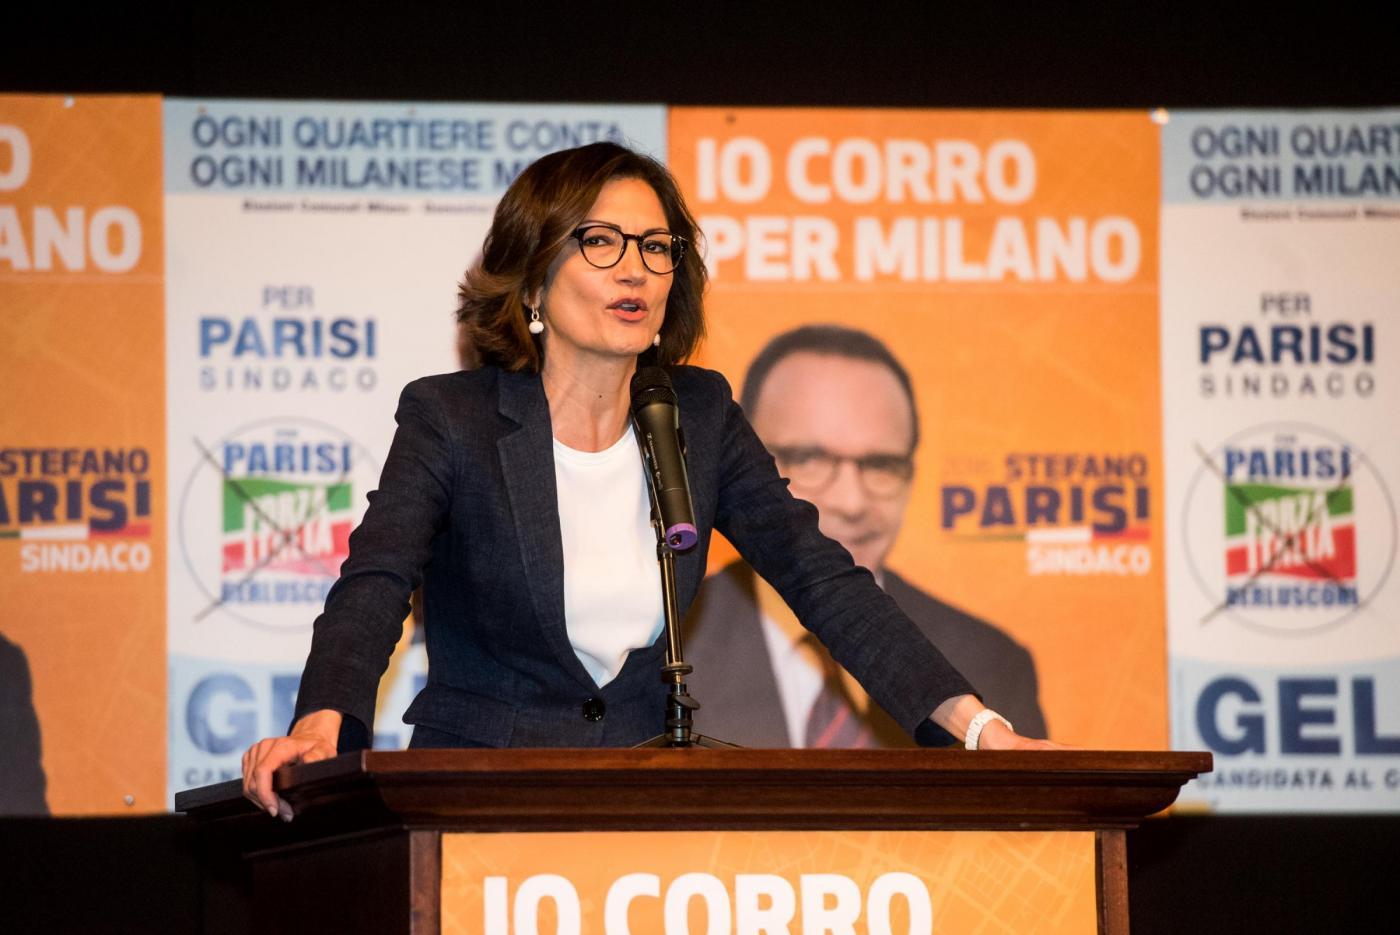 Elezioni comunali Milano 2016, i candidati della lista di Forza Italia per Stefano Parisi